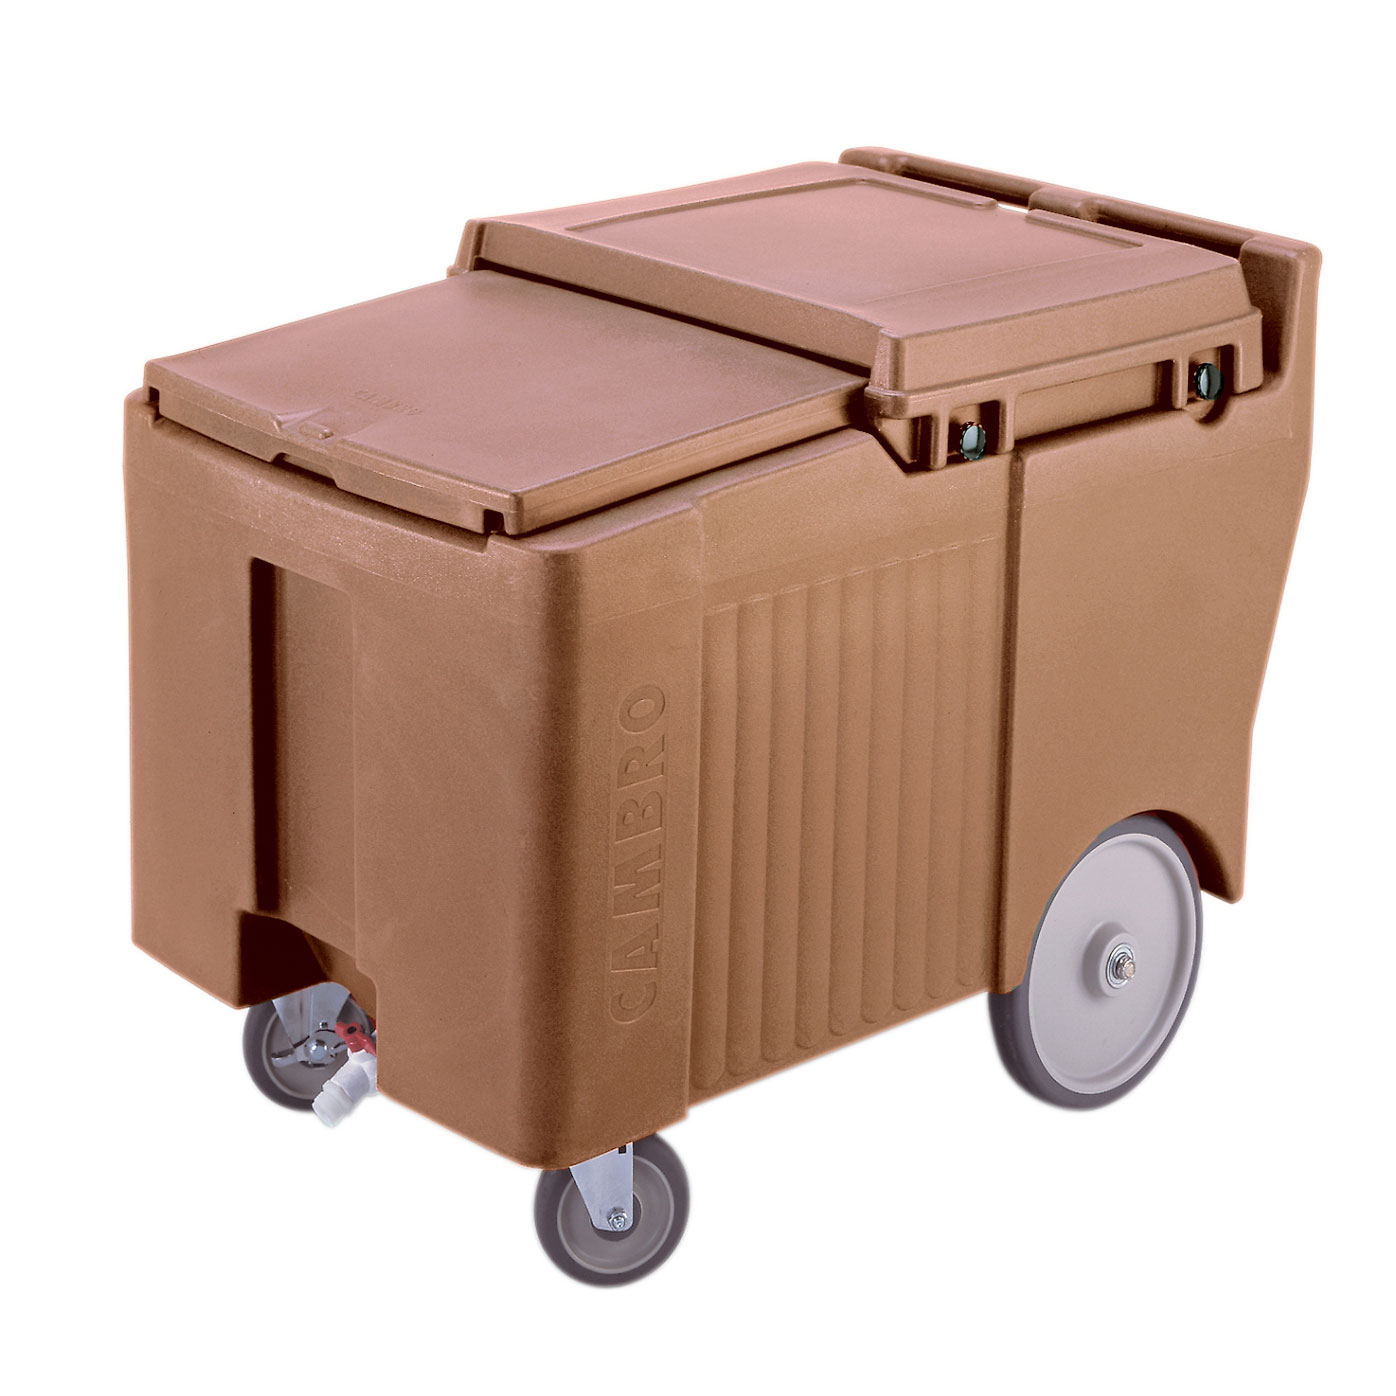 Cambro ICS175LB157 ice cubers, ice storage & ice dispensers